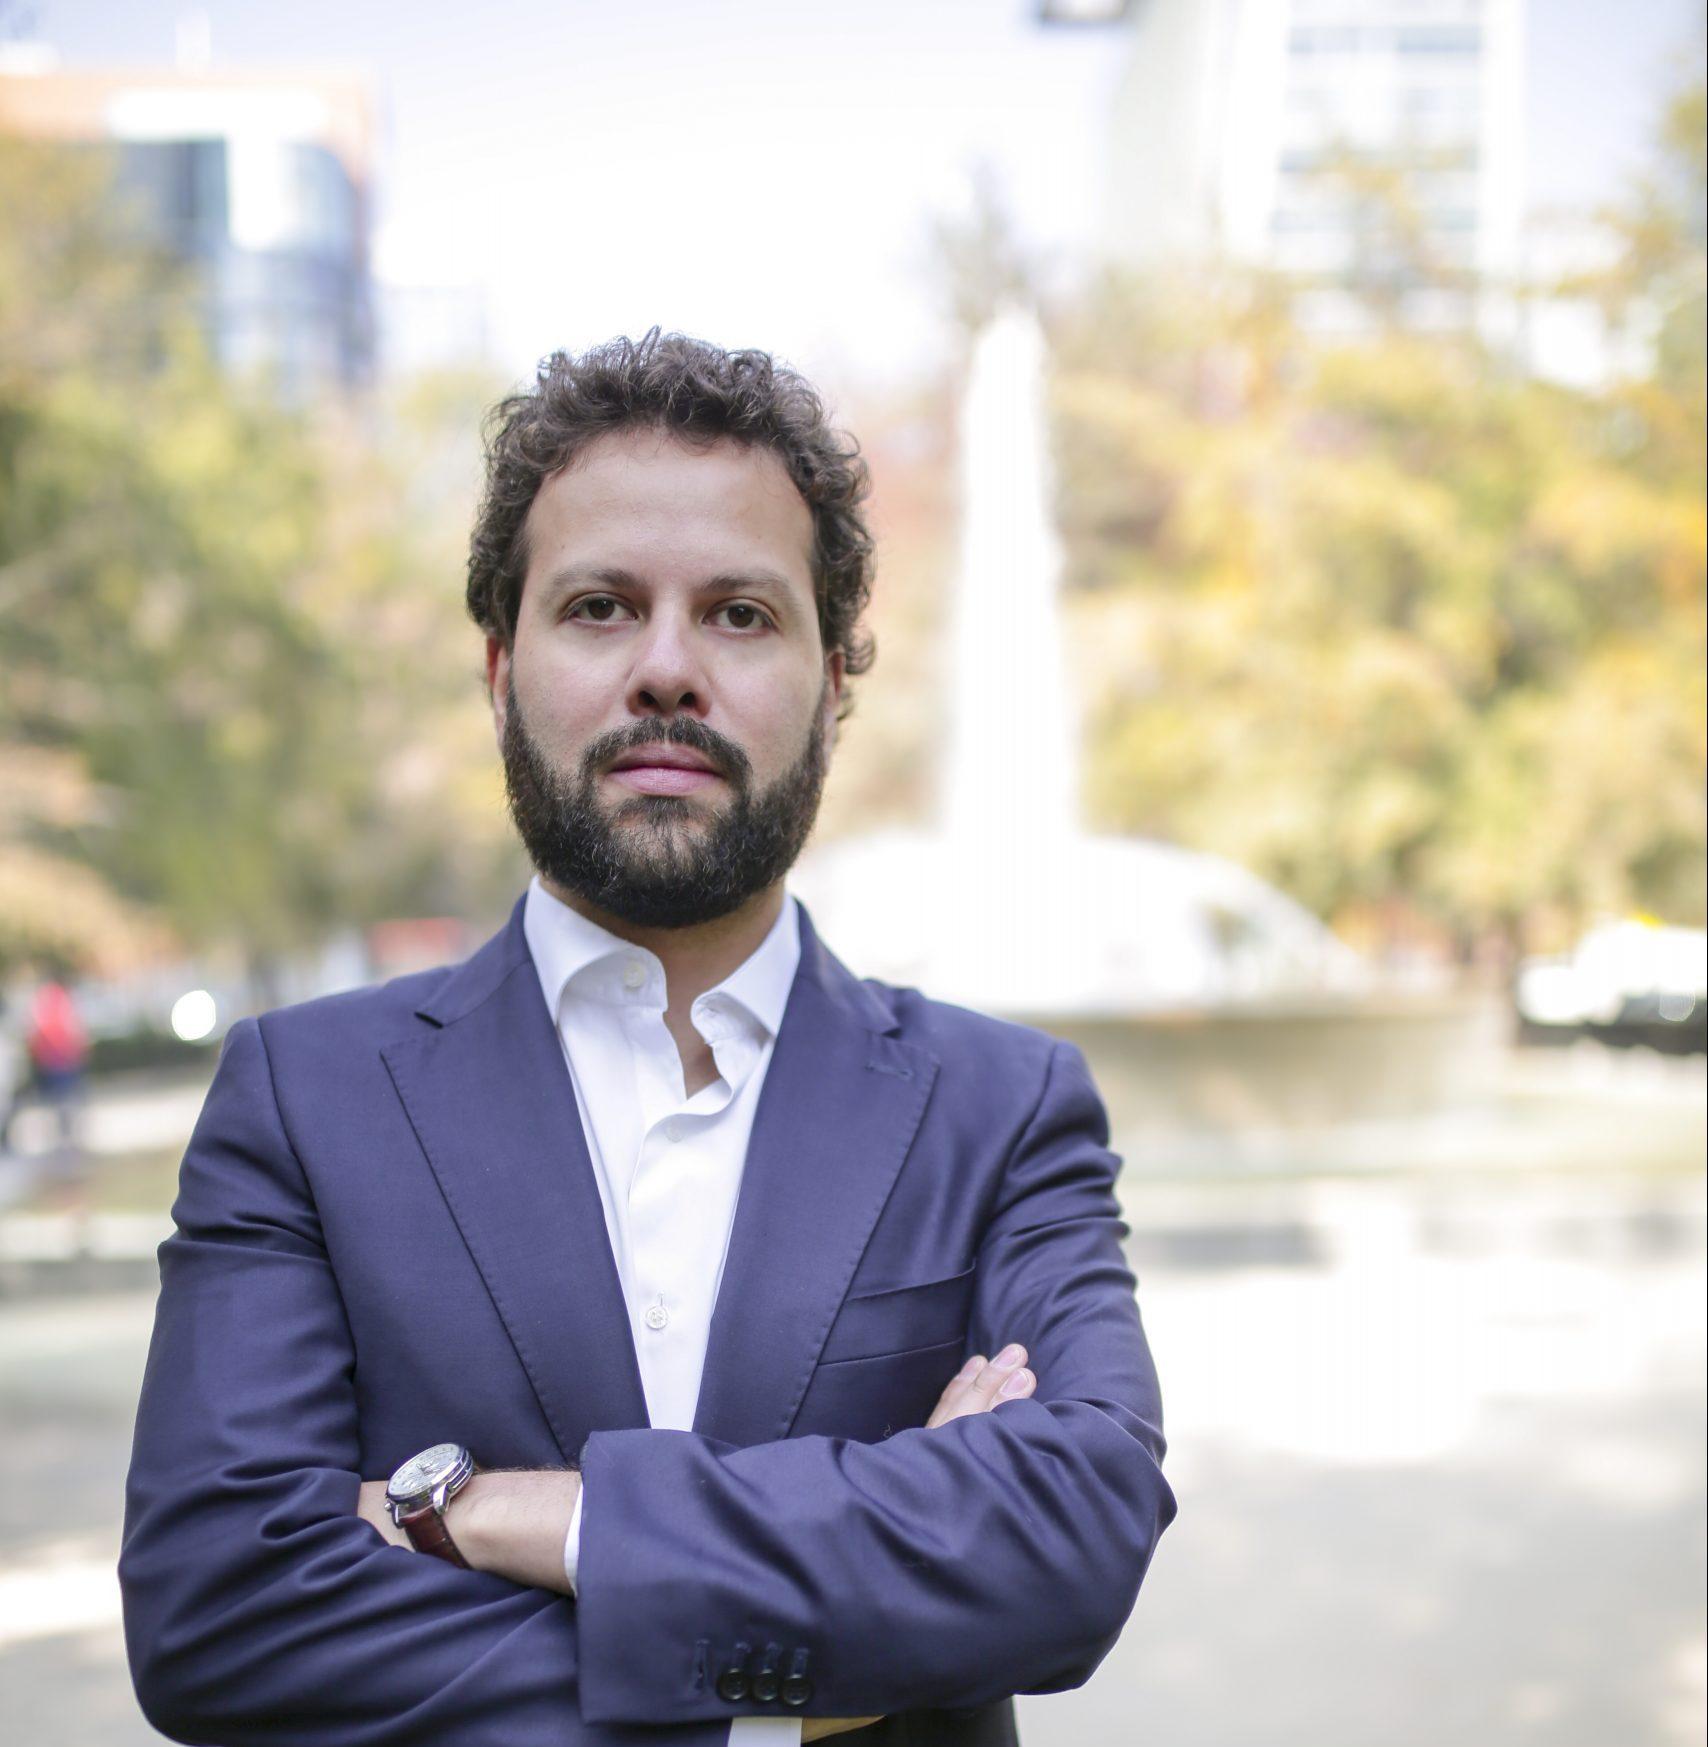 Fabian Elio